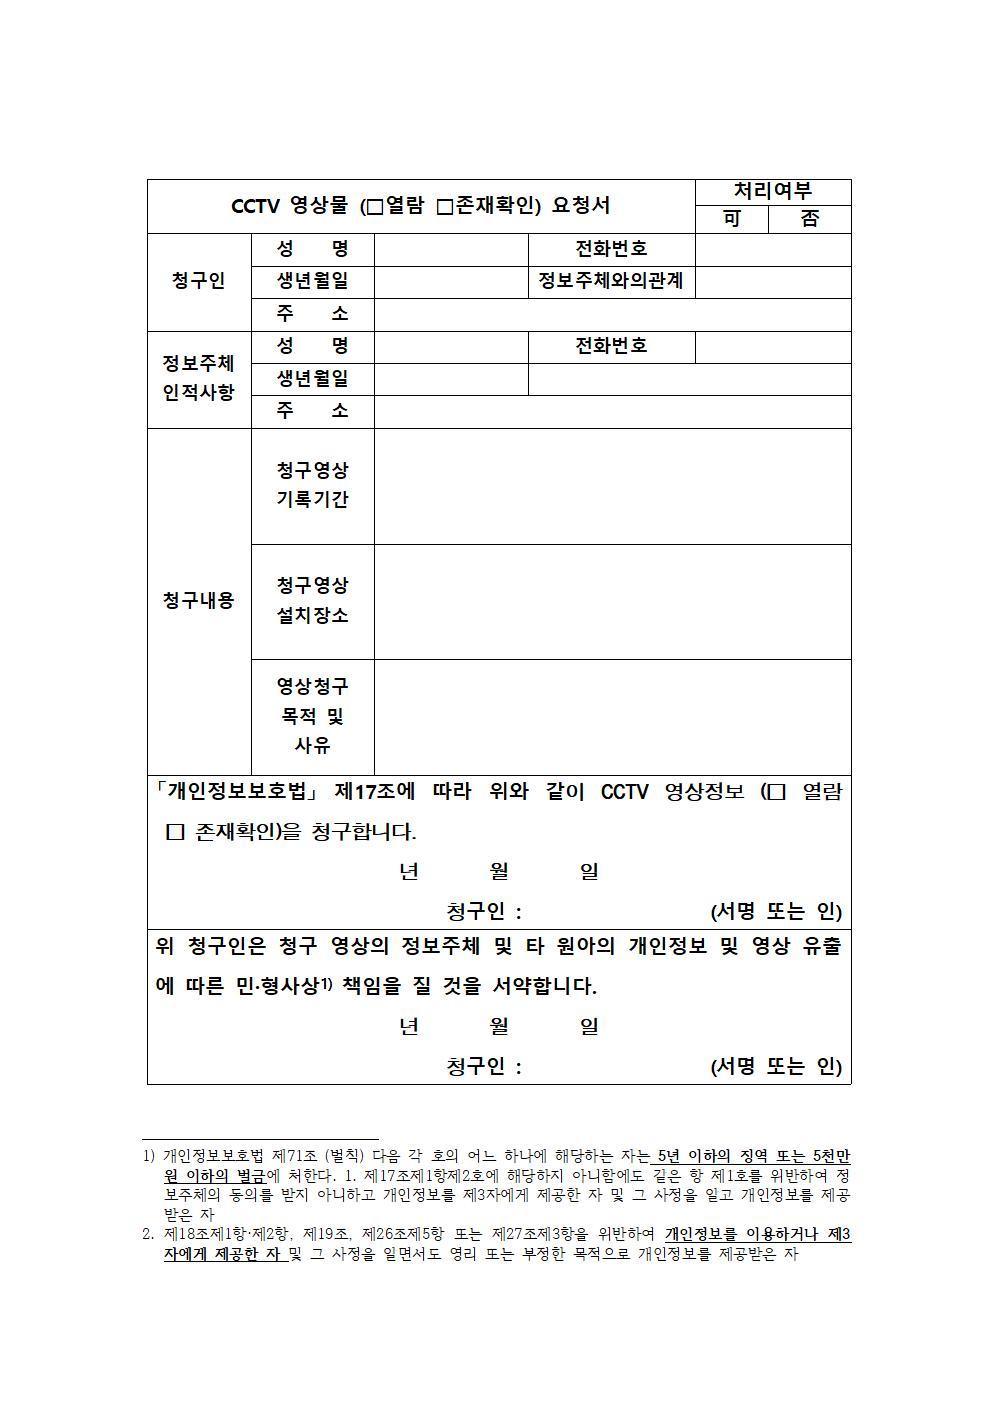 2020년 사랑유치원 영상정보처리기기 운영관리 방침004.jpg